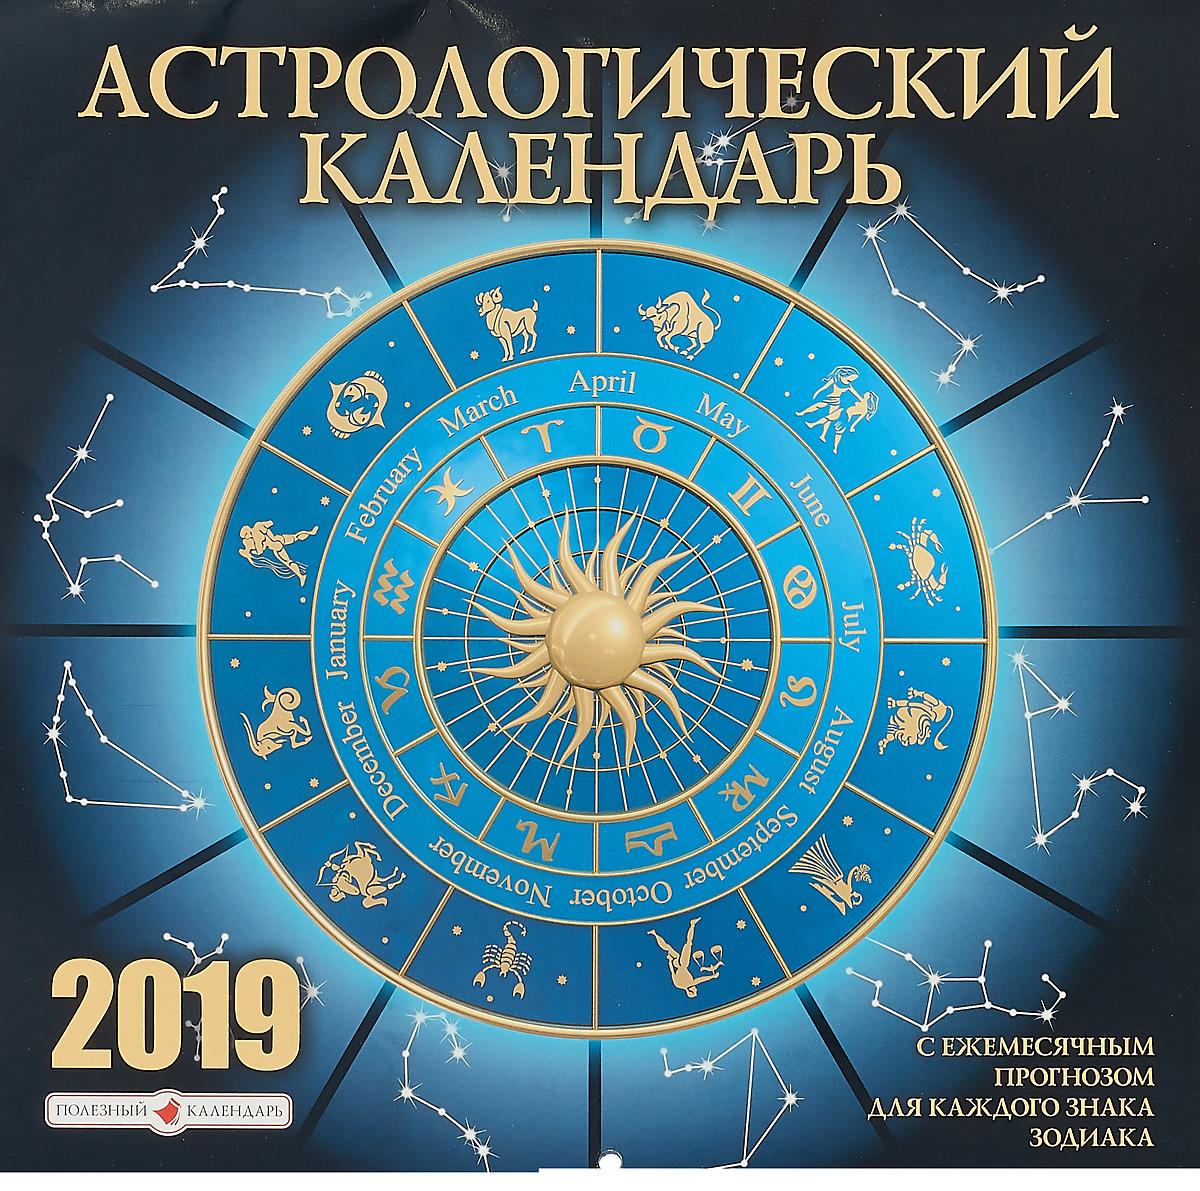 Календарь перекидной на 2019 год. Астрологический календарь перекидной на 2019 год кошачье семейство